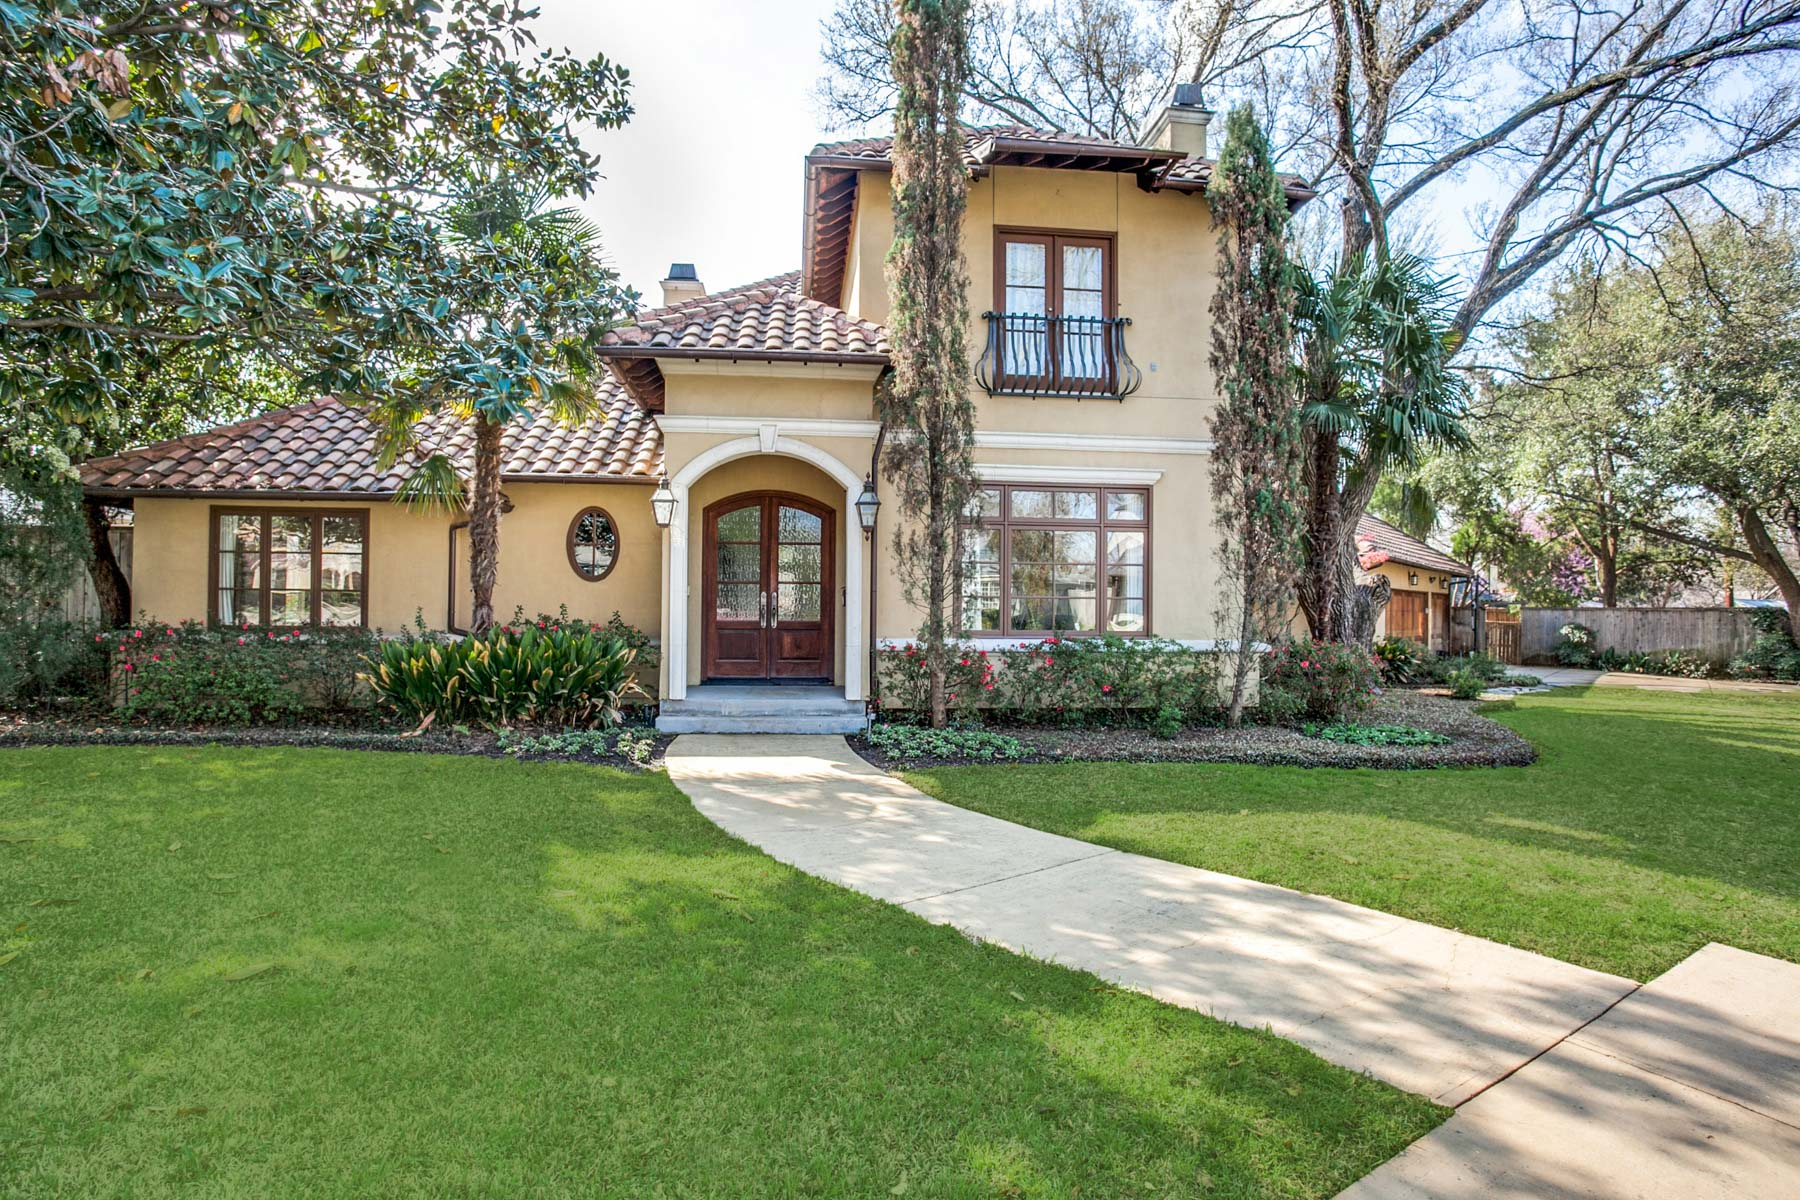 단독 가정 주택 용 매매 에 Briarwood Mediterranean on Oversized Lot 4700 Hanover Ave Dallas, 텍사스, 75209 미국